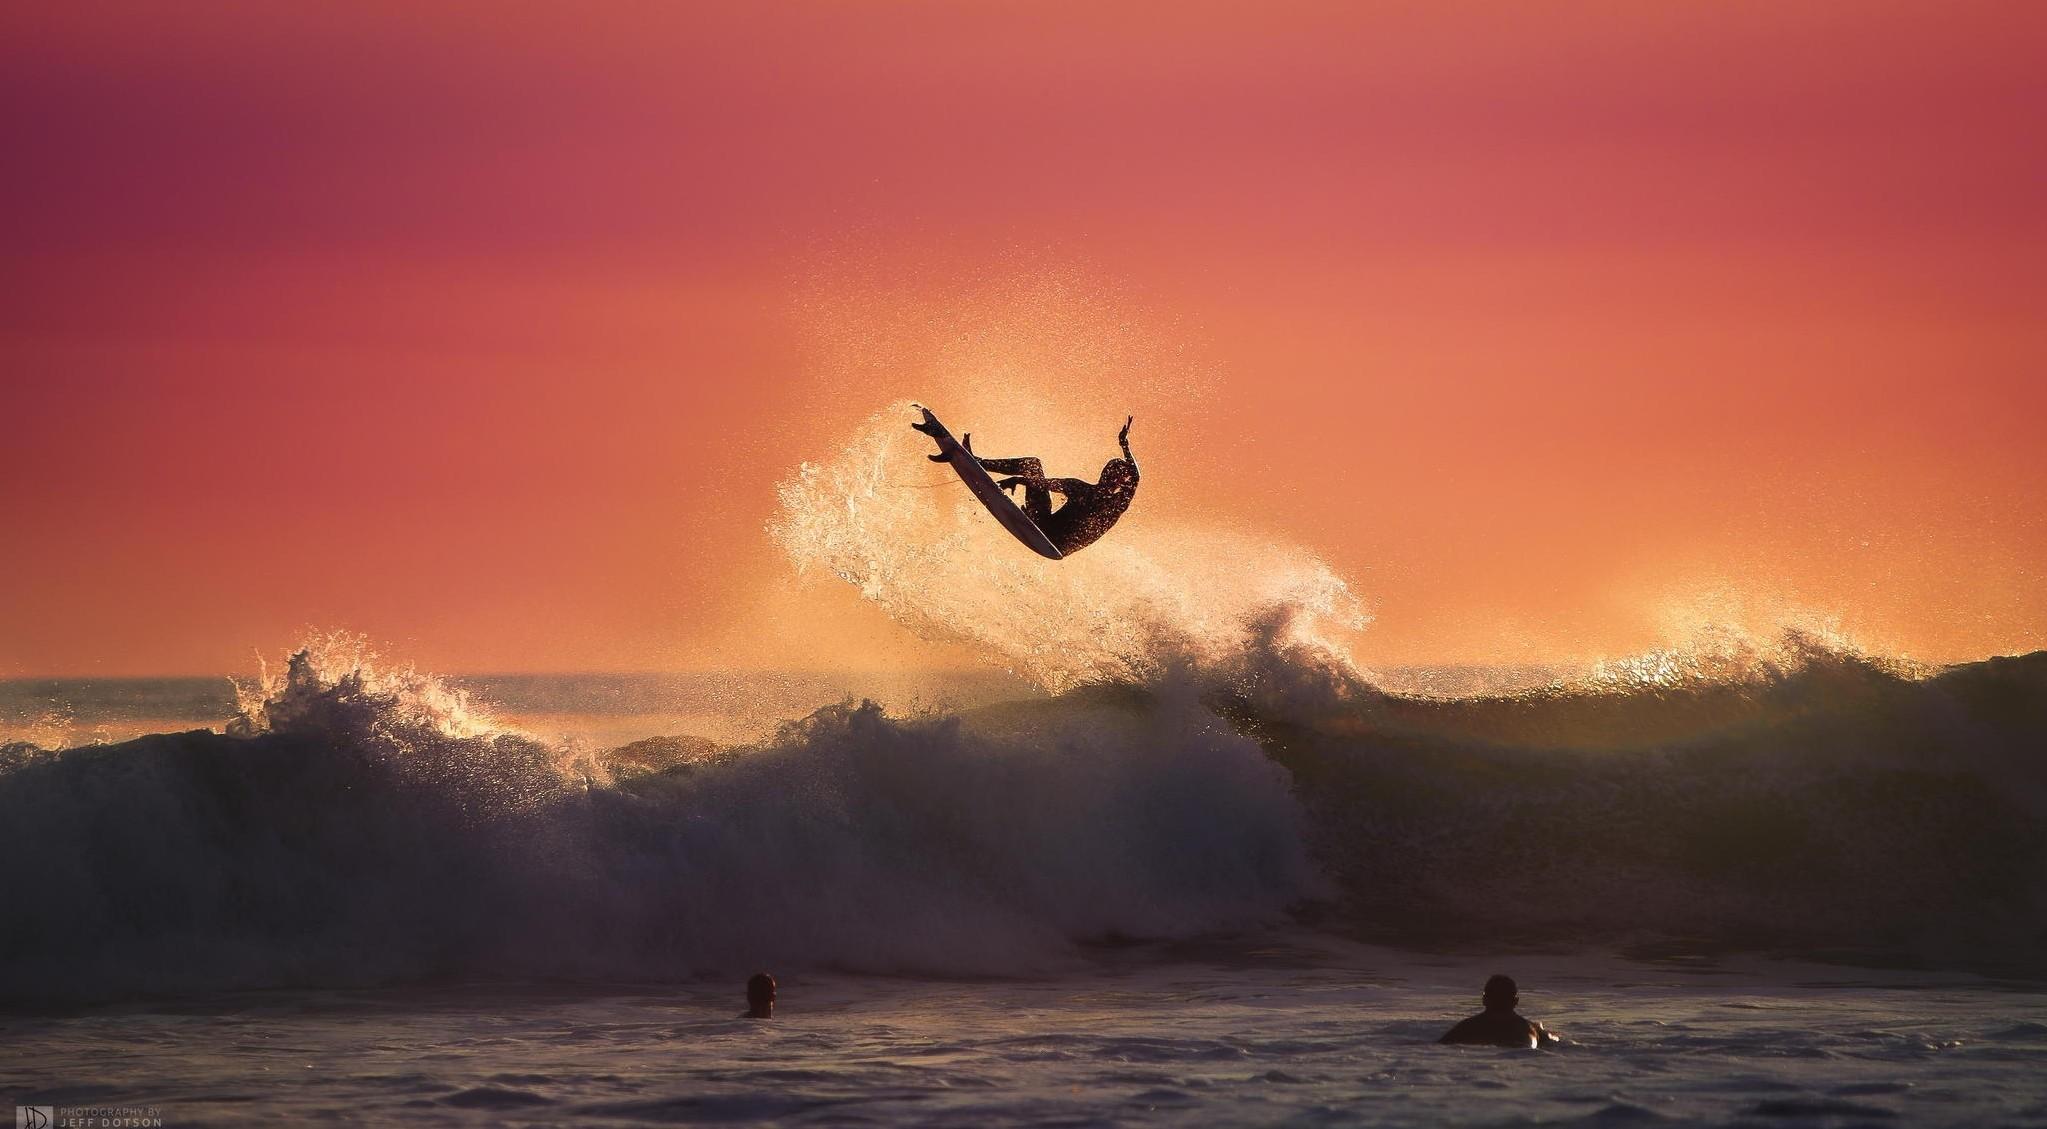 … surfing, sport, sea, waves, summer, sunset, art, desktop